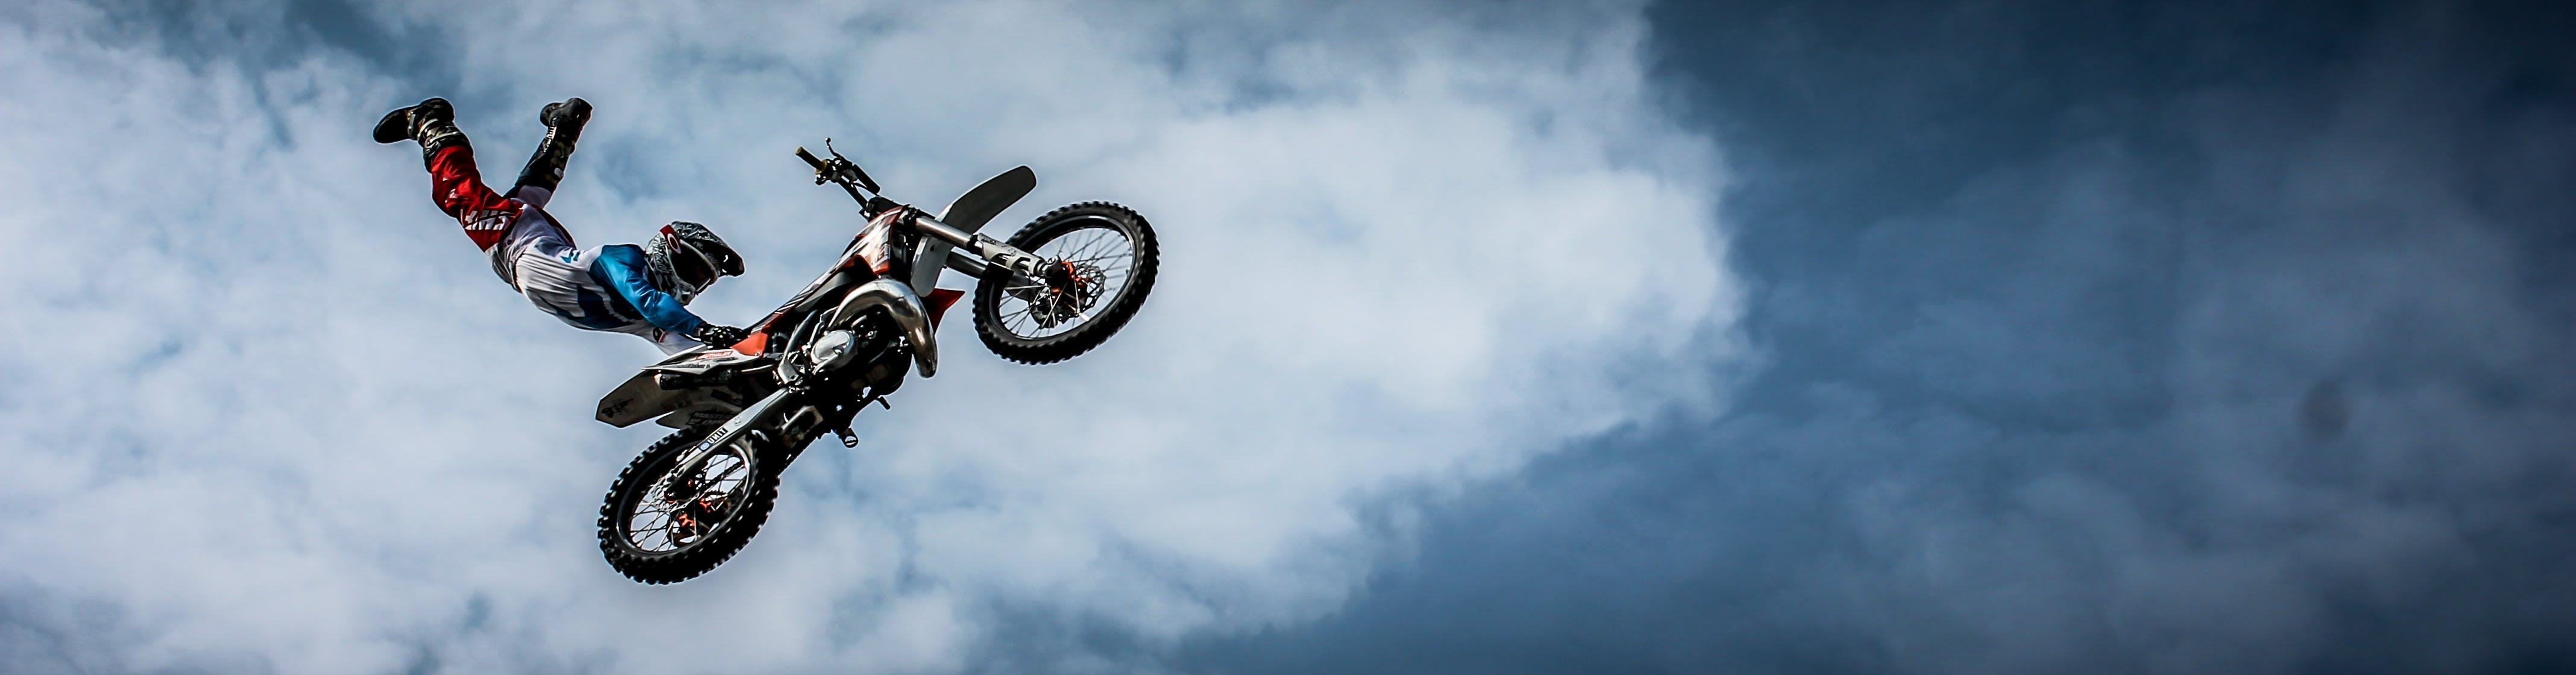 Δωρεάν στοκ φωτογραφιών με motocross, άθλημα, ακραίο, άλμα